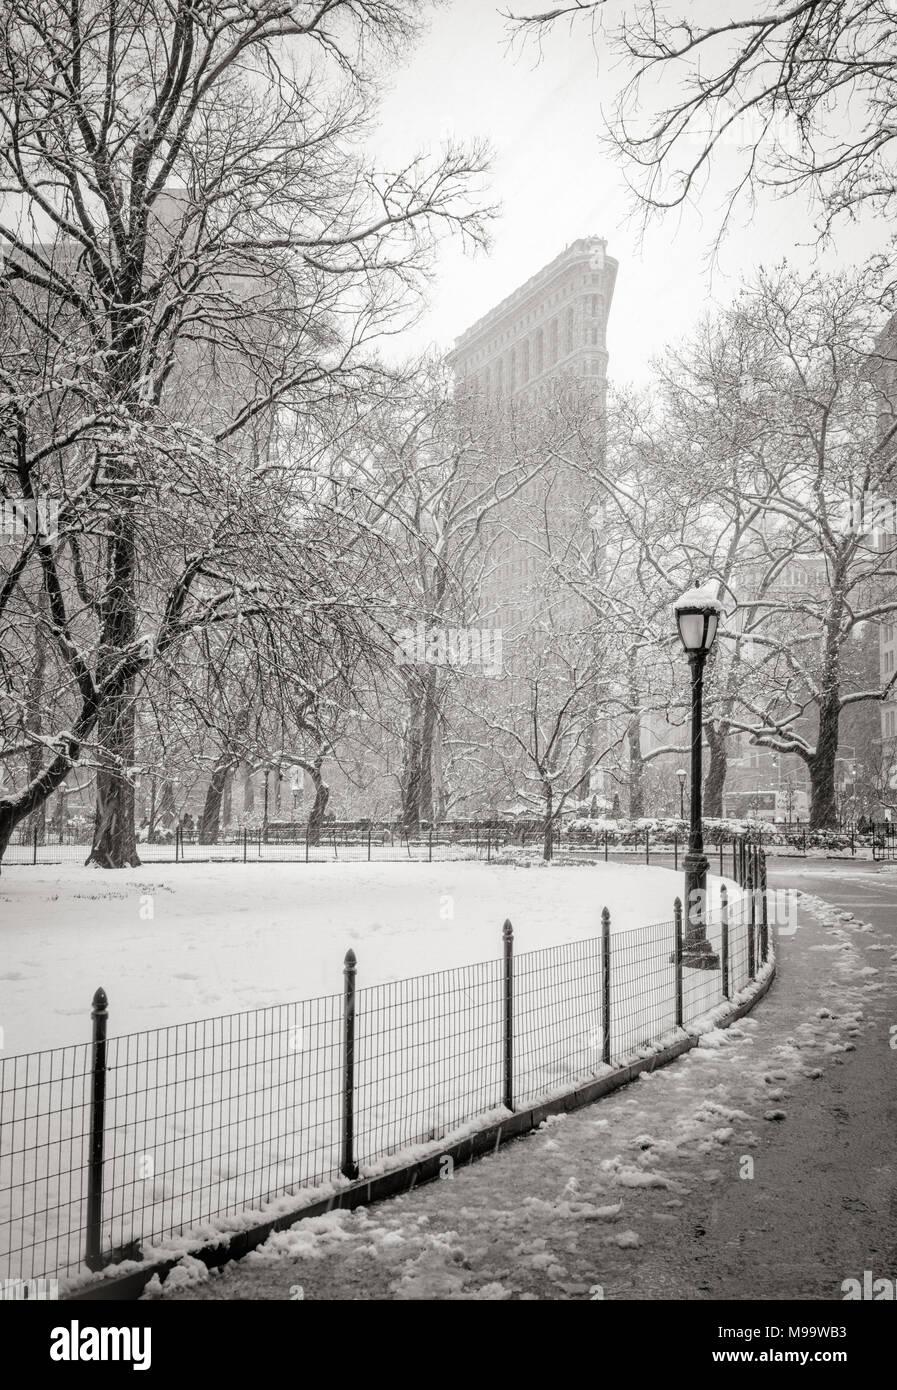 New York City, NY, USA - 21. März 2018: Flatiron Building vom Madison Square Park mit Schneefall. (Schwarz und Weiß) Flatiron District, Manhattan Stockbild